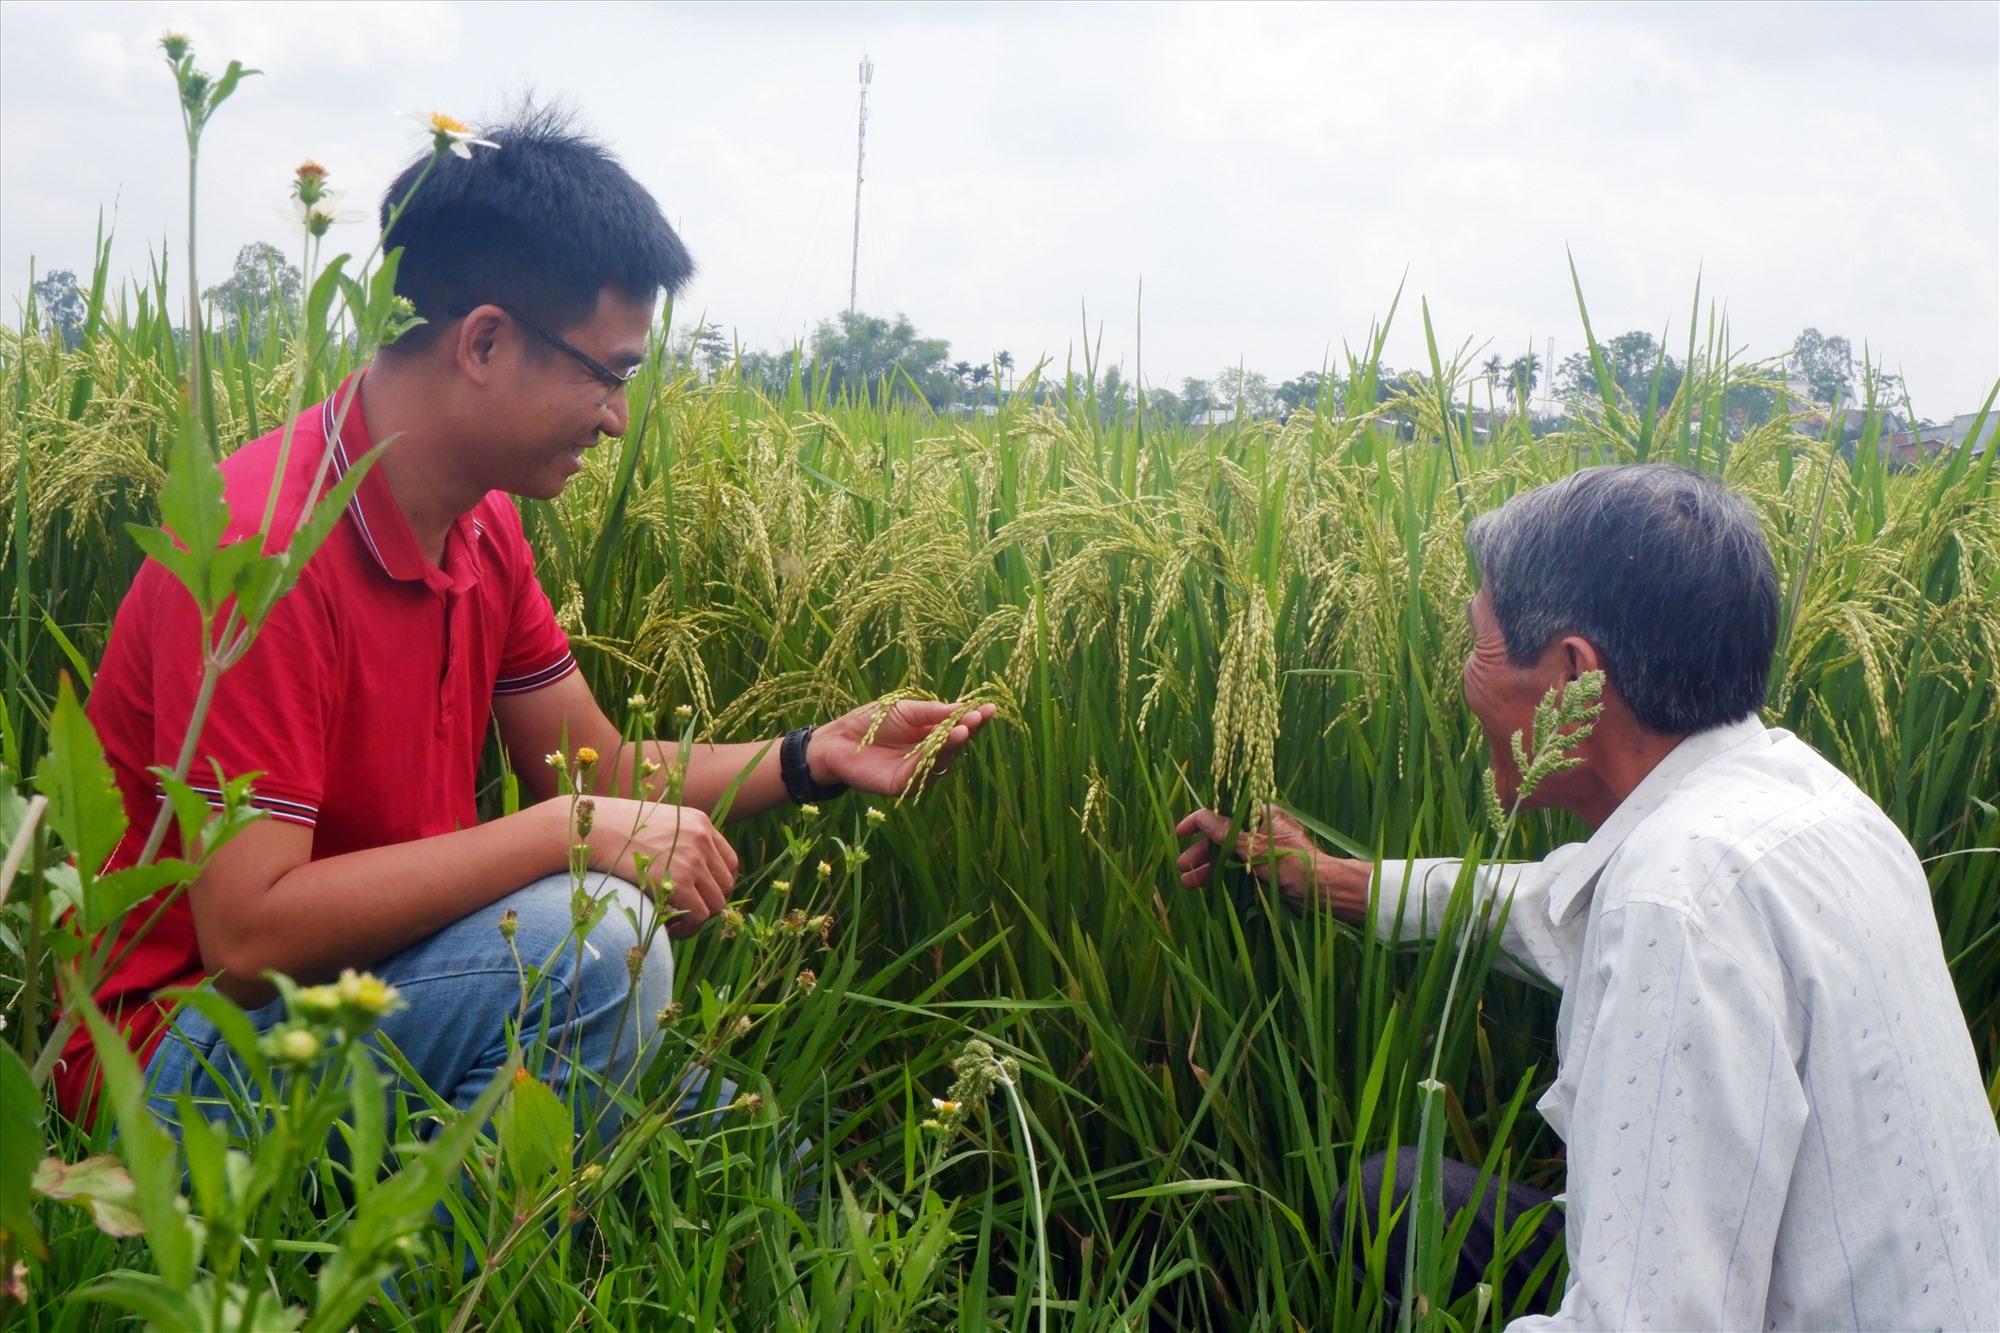 Sự kết nối giữa người trẻ và già sẽ tạo nên sức bật cho vùng quê Gò Nổi.Ảnh: HIỀN TUẤN